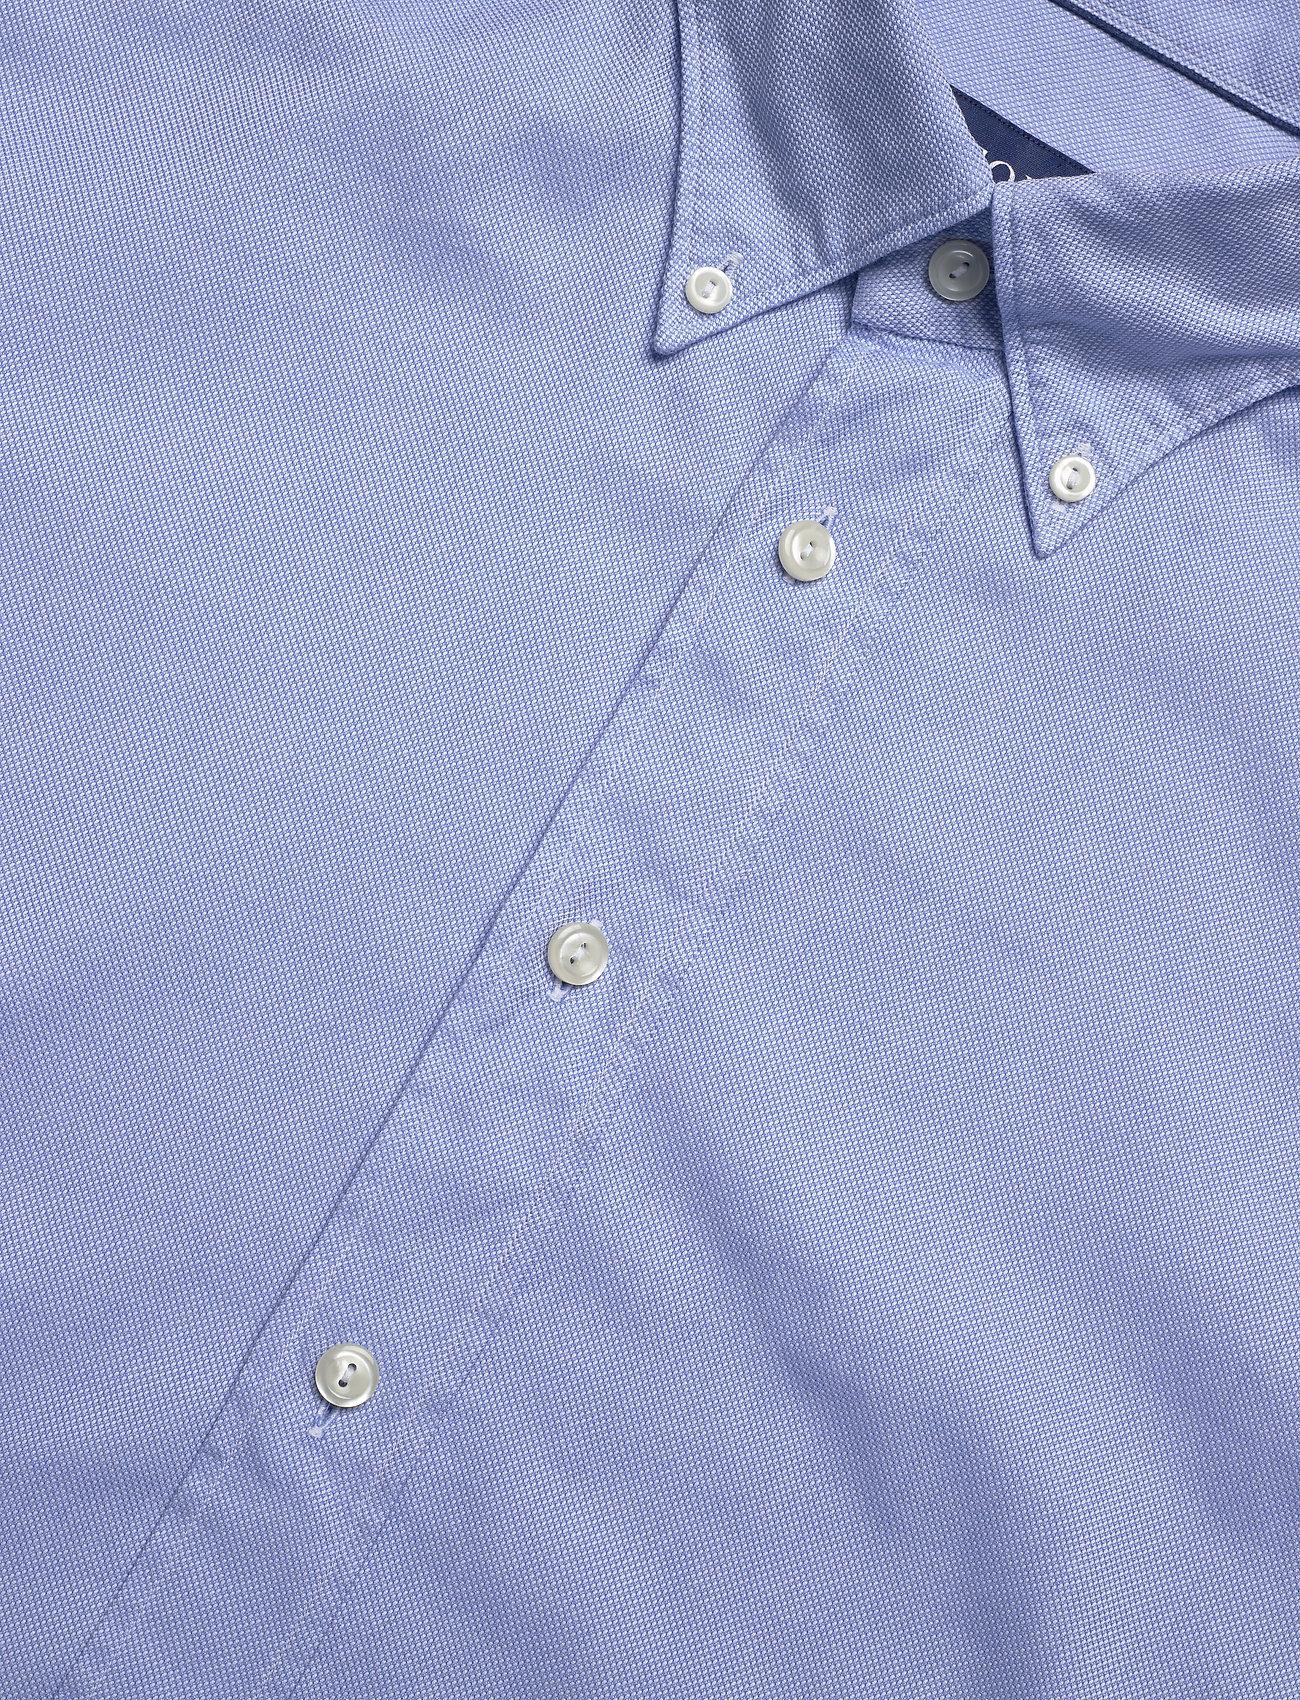 Eton Royal oxford shirt - Contemporary fit - Skjorter BLUE - Menn Klær